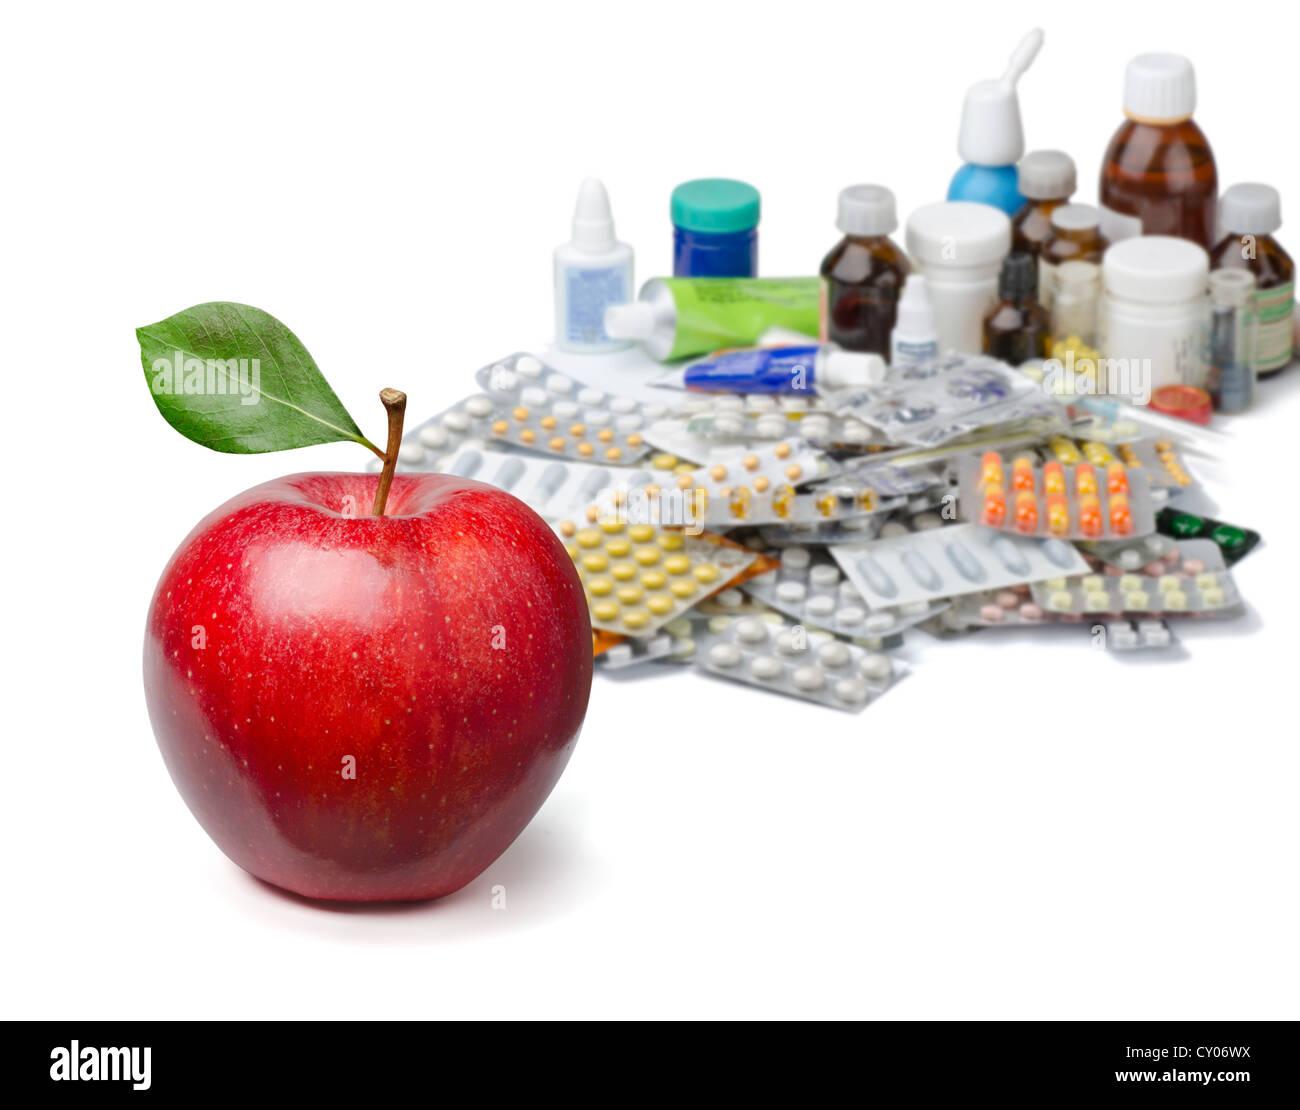 Roten Apfel vor einen großen Haufen von Arzneimitteln. Gesunder Lifestyle-Konzept. Stockbild